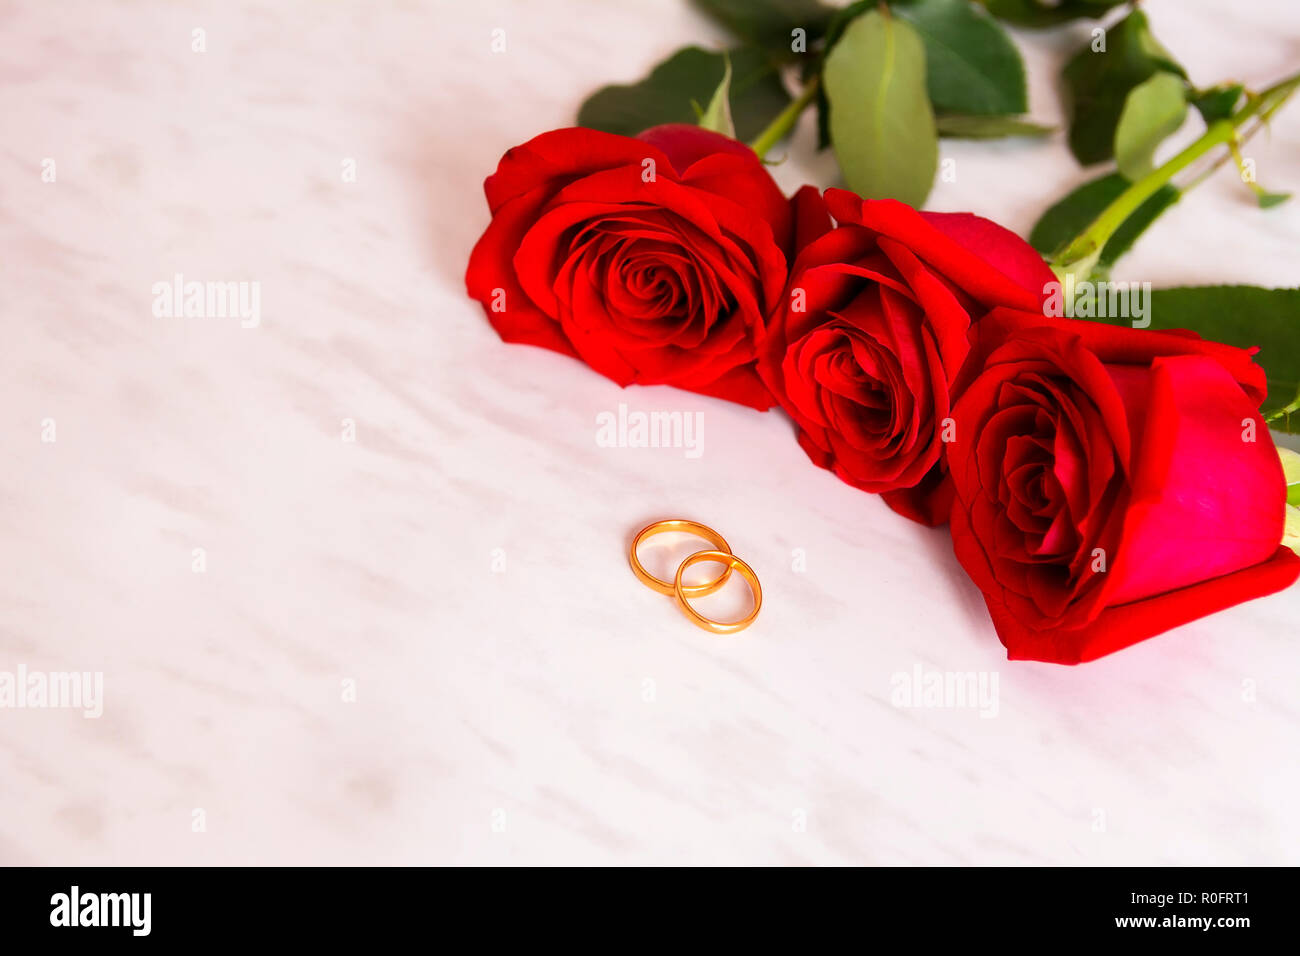 7bcc9f054ad9 Dos anillos de boda de oro y tres rosas rojas. Invitación de boda ...